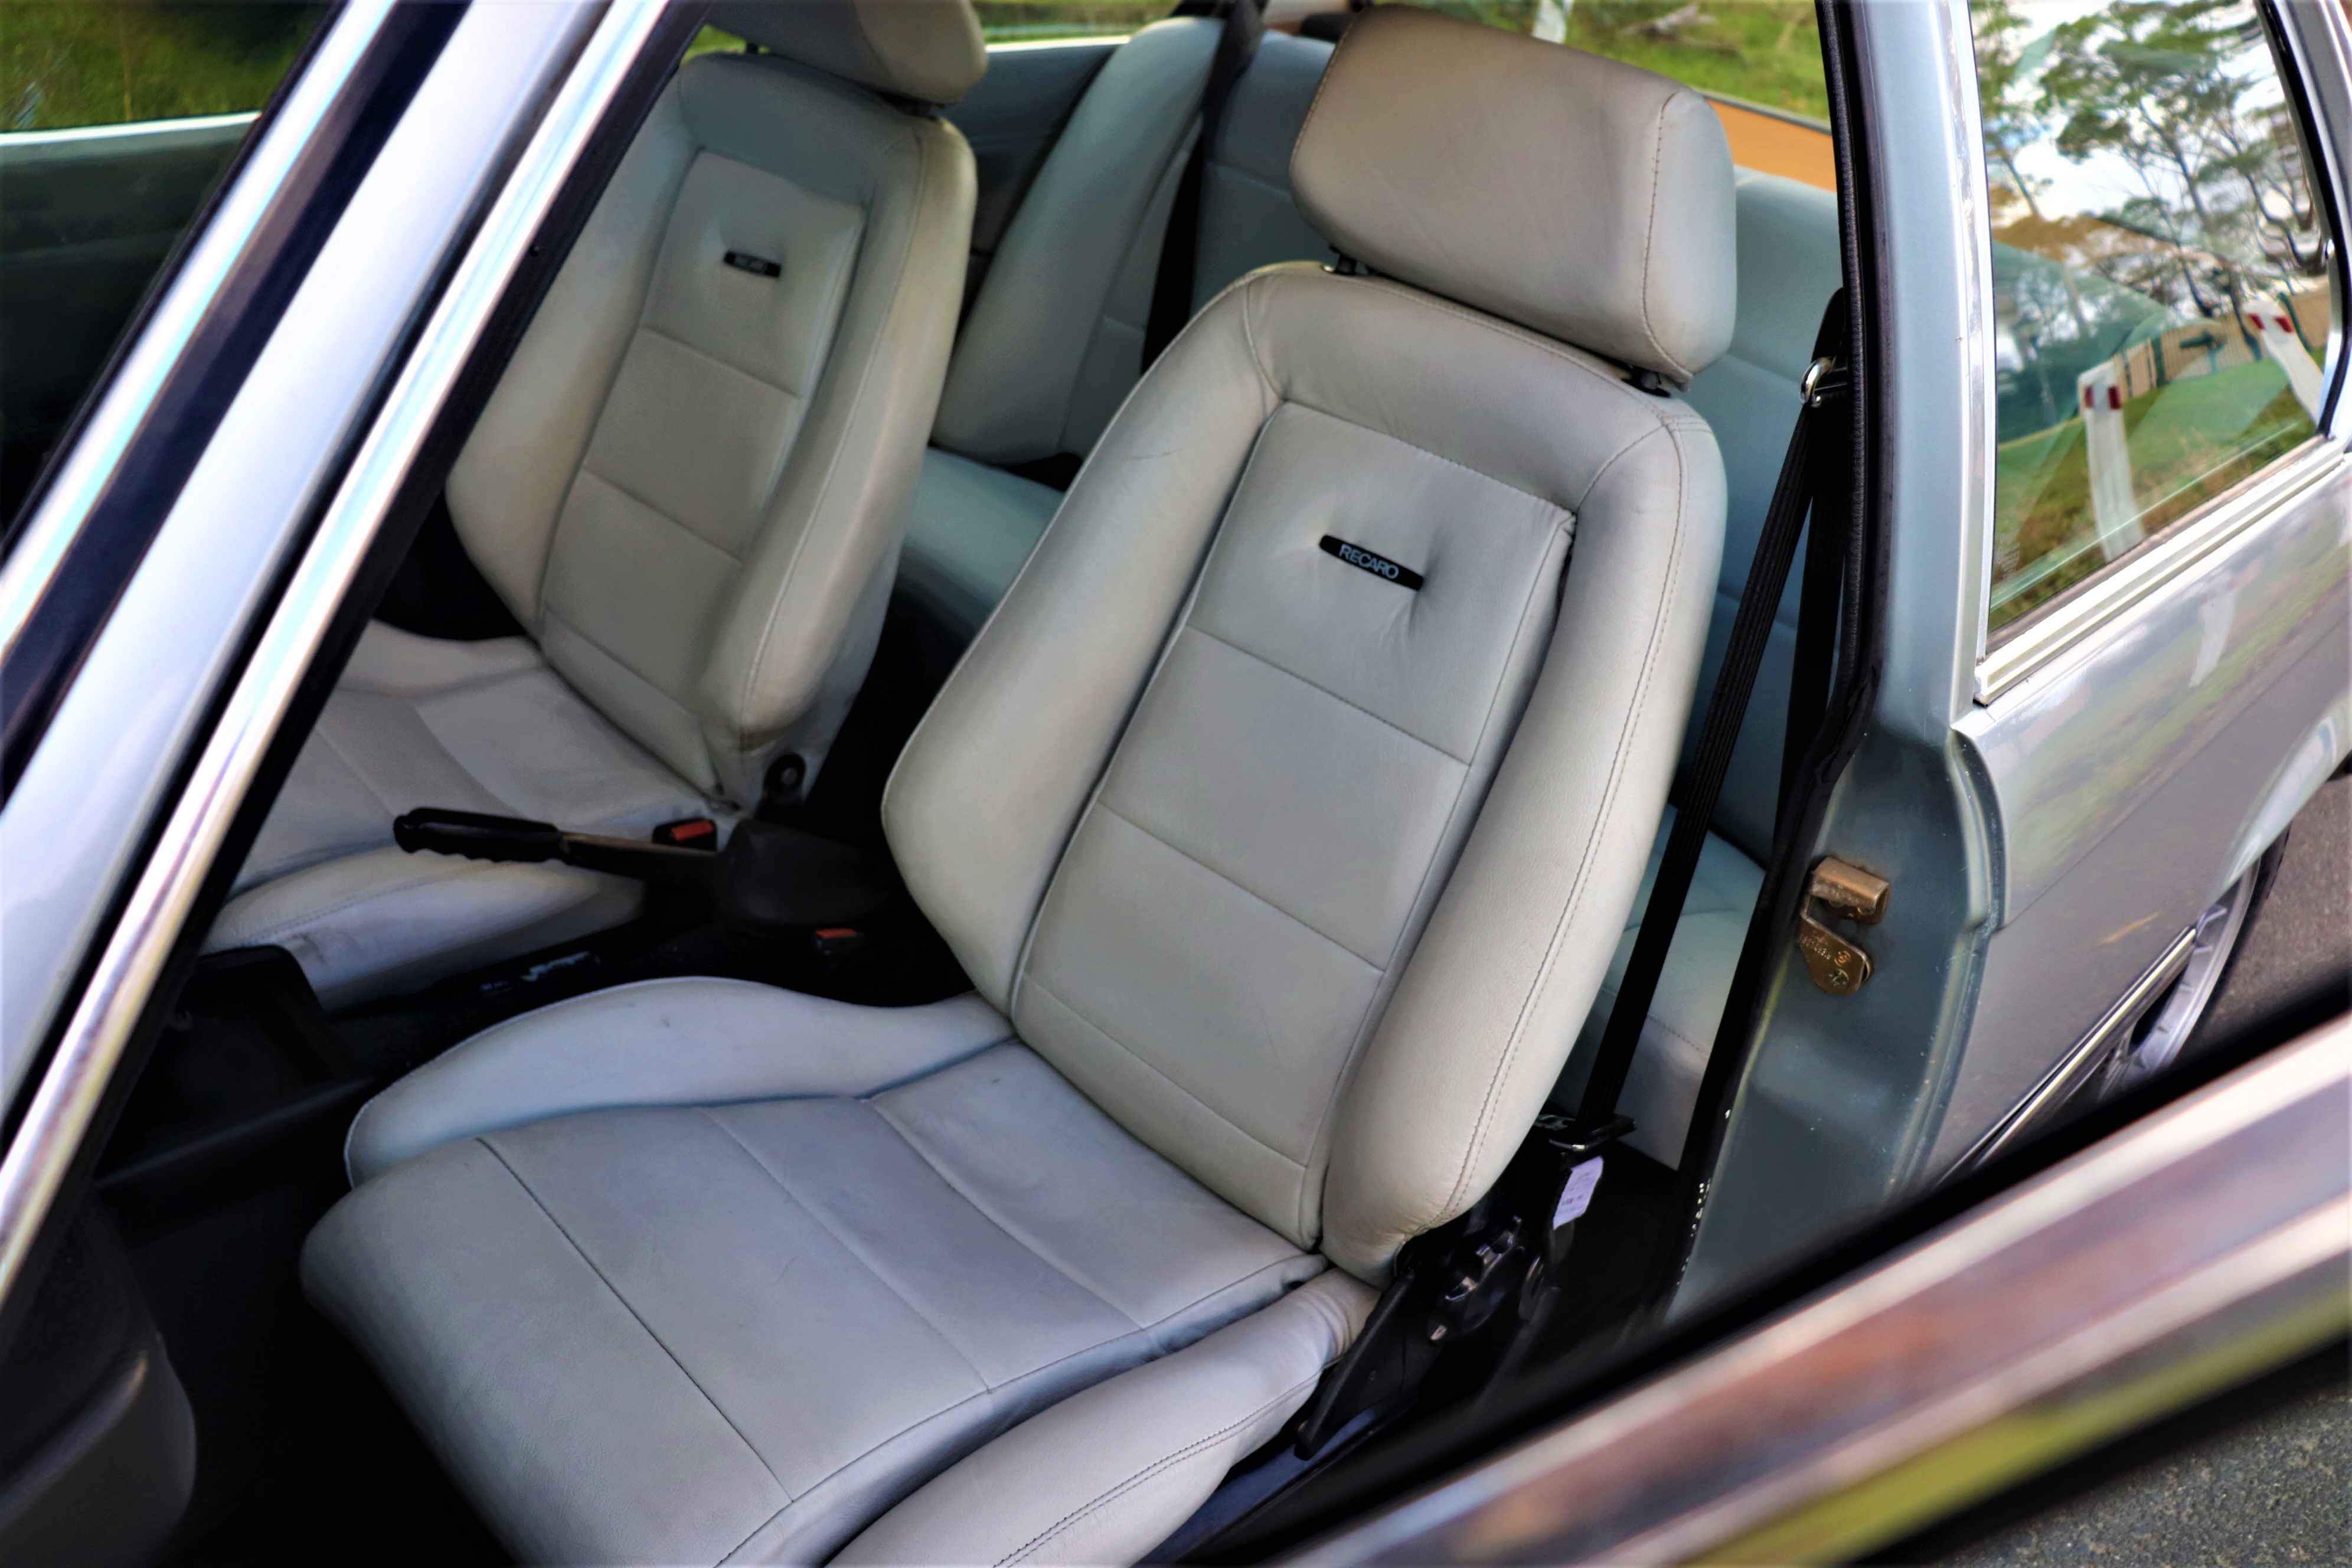 Rpm To Mph Calculator >> 1982 BMW 323i E21 – Manual – Recaro Seats – Find Me Cars